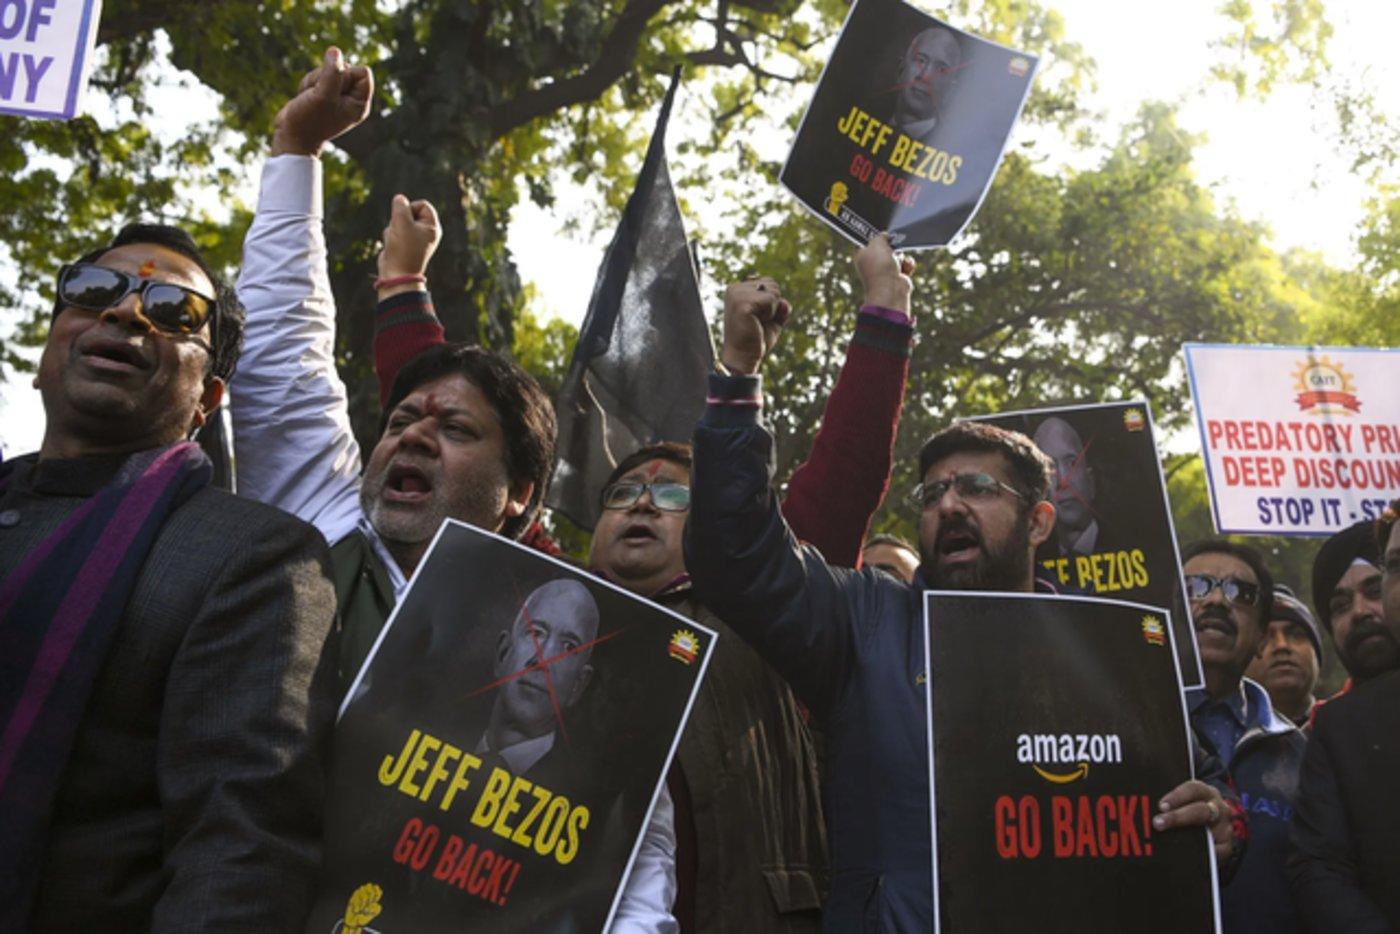 图为印度民众抵制贝索斯及亚马逊